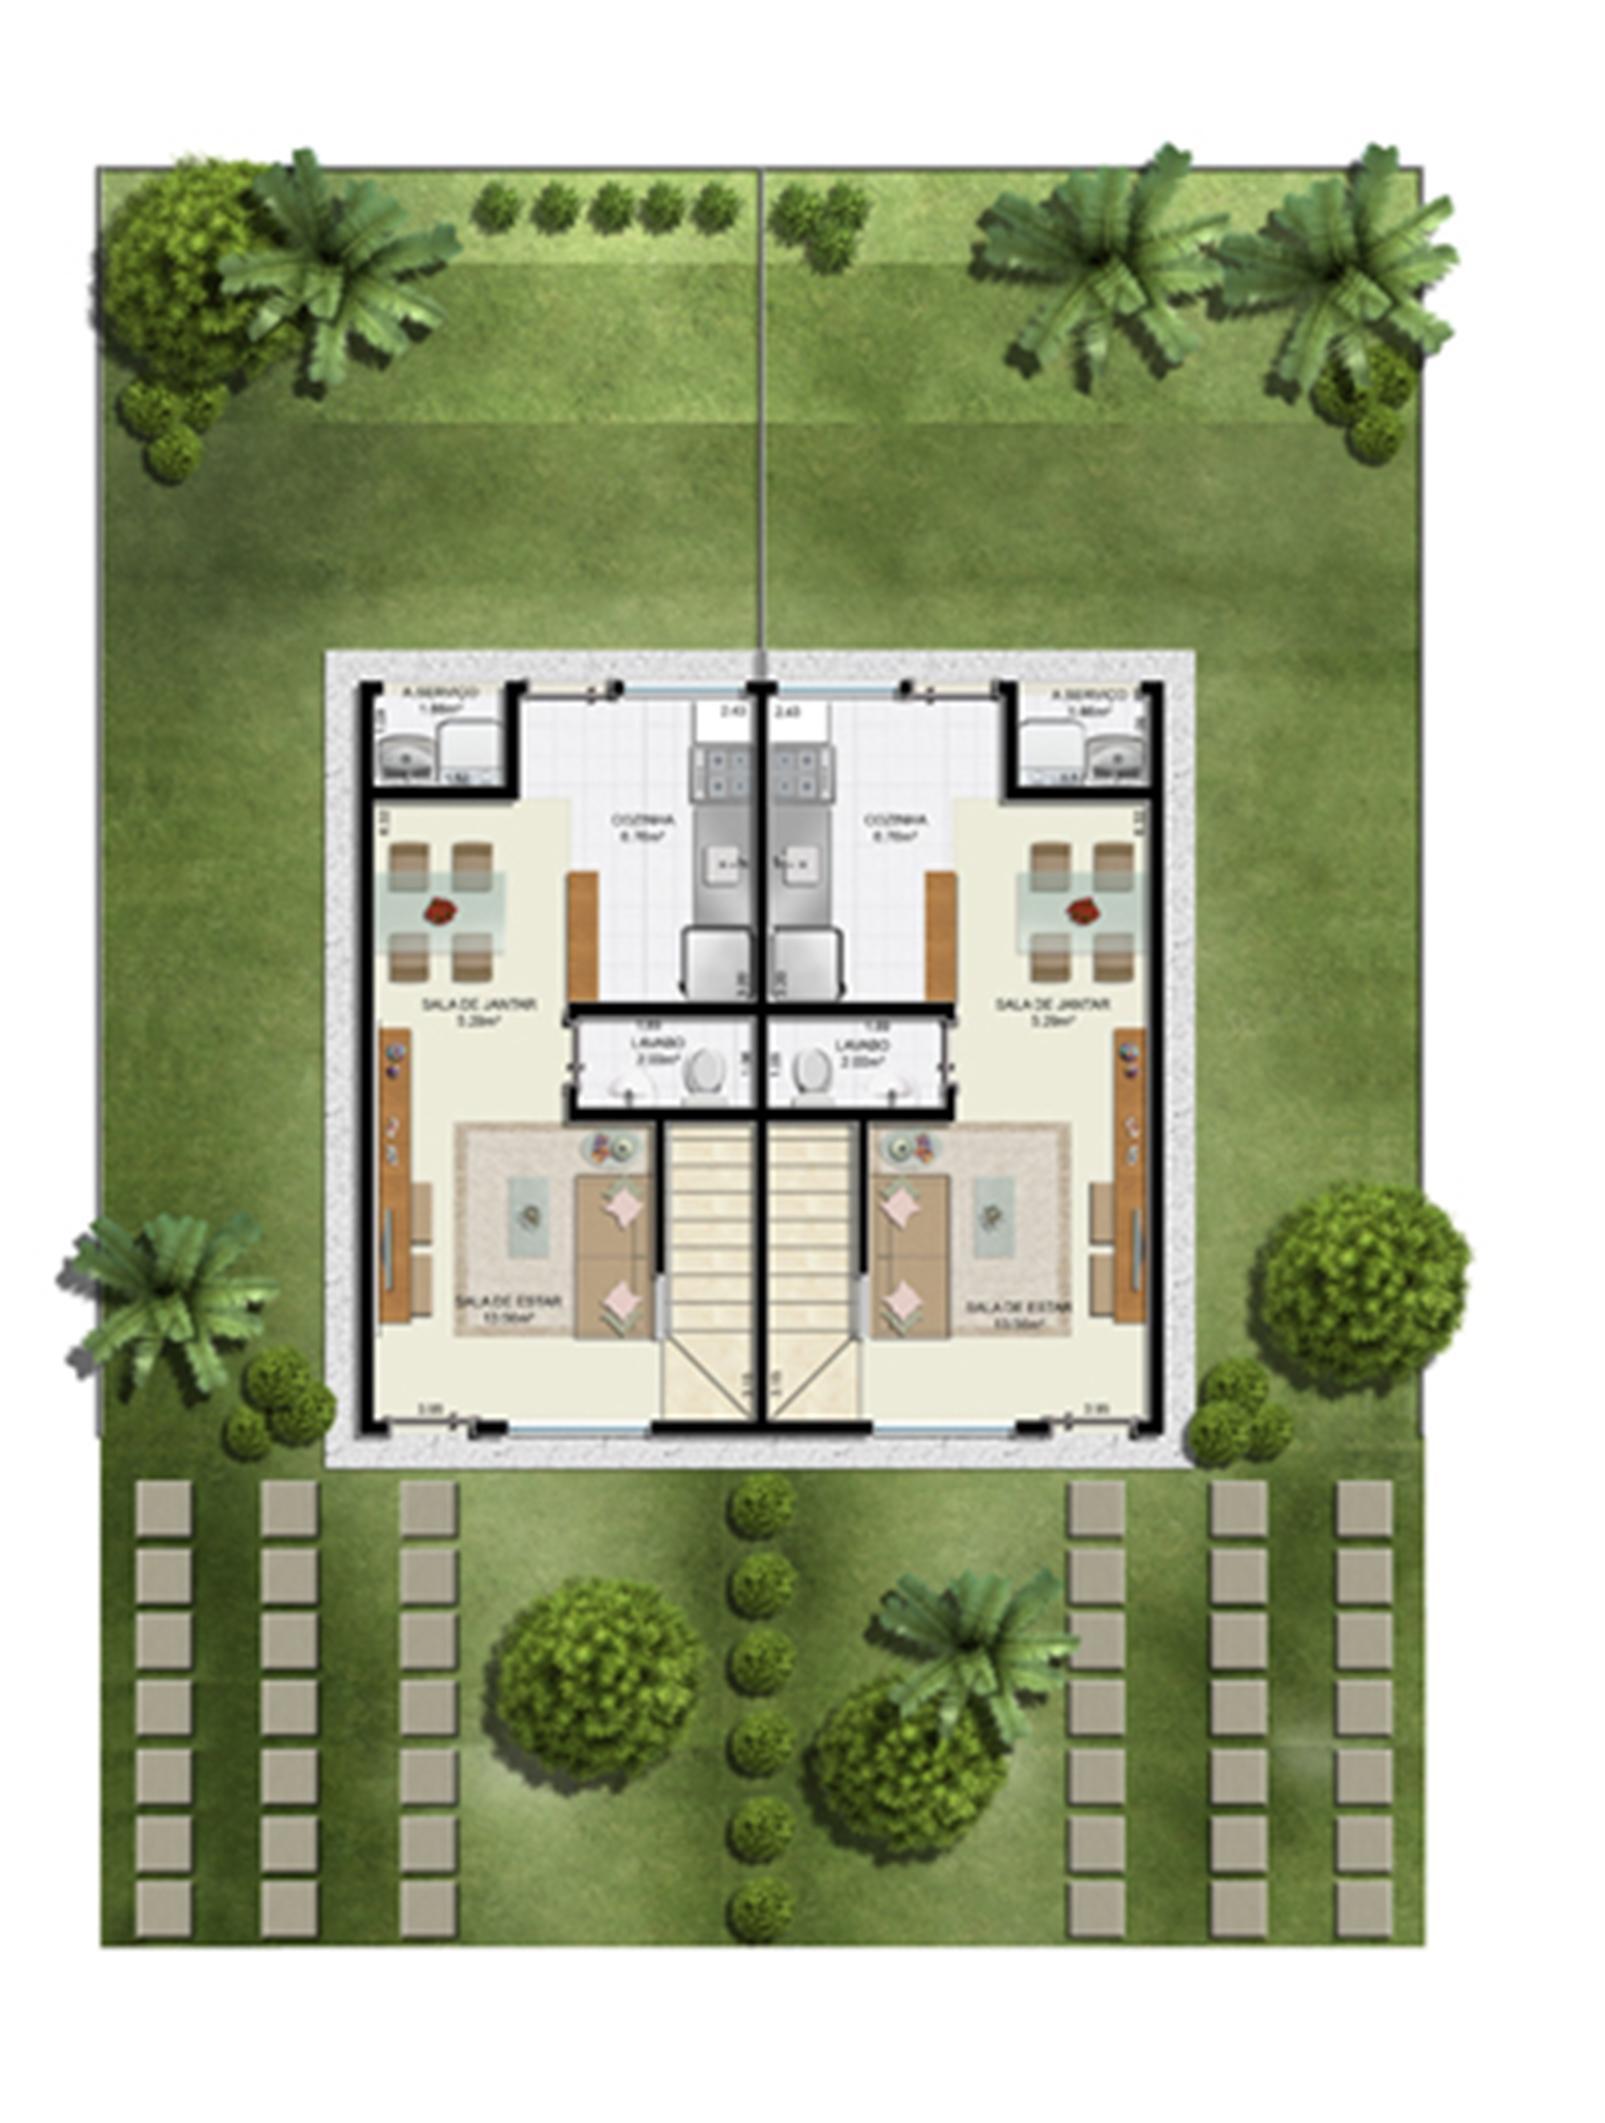 Casas do bosque for Casa planta ramallosa